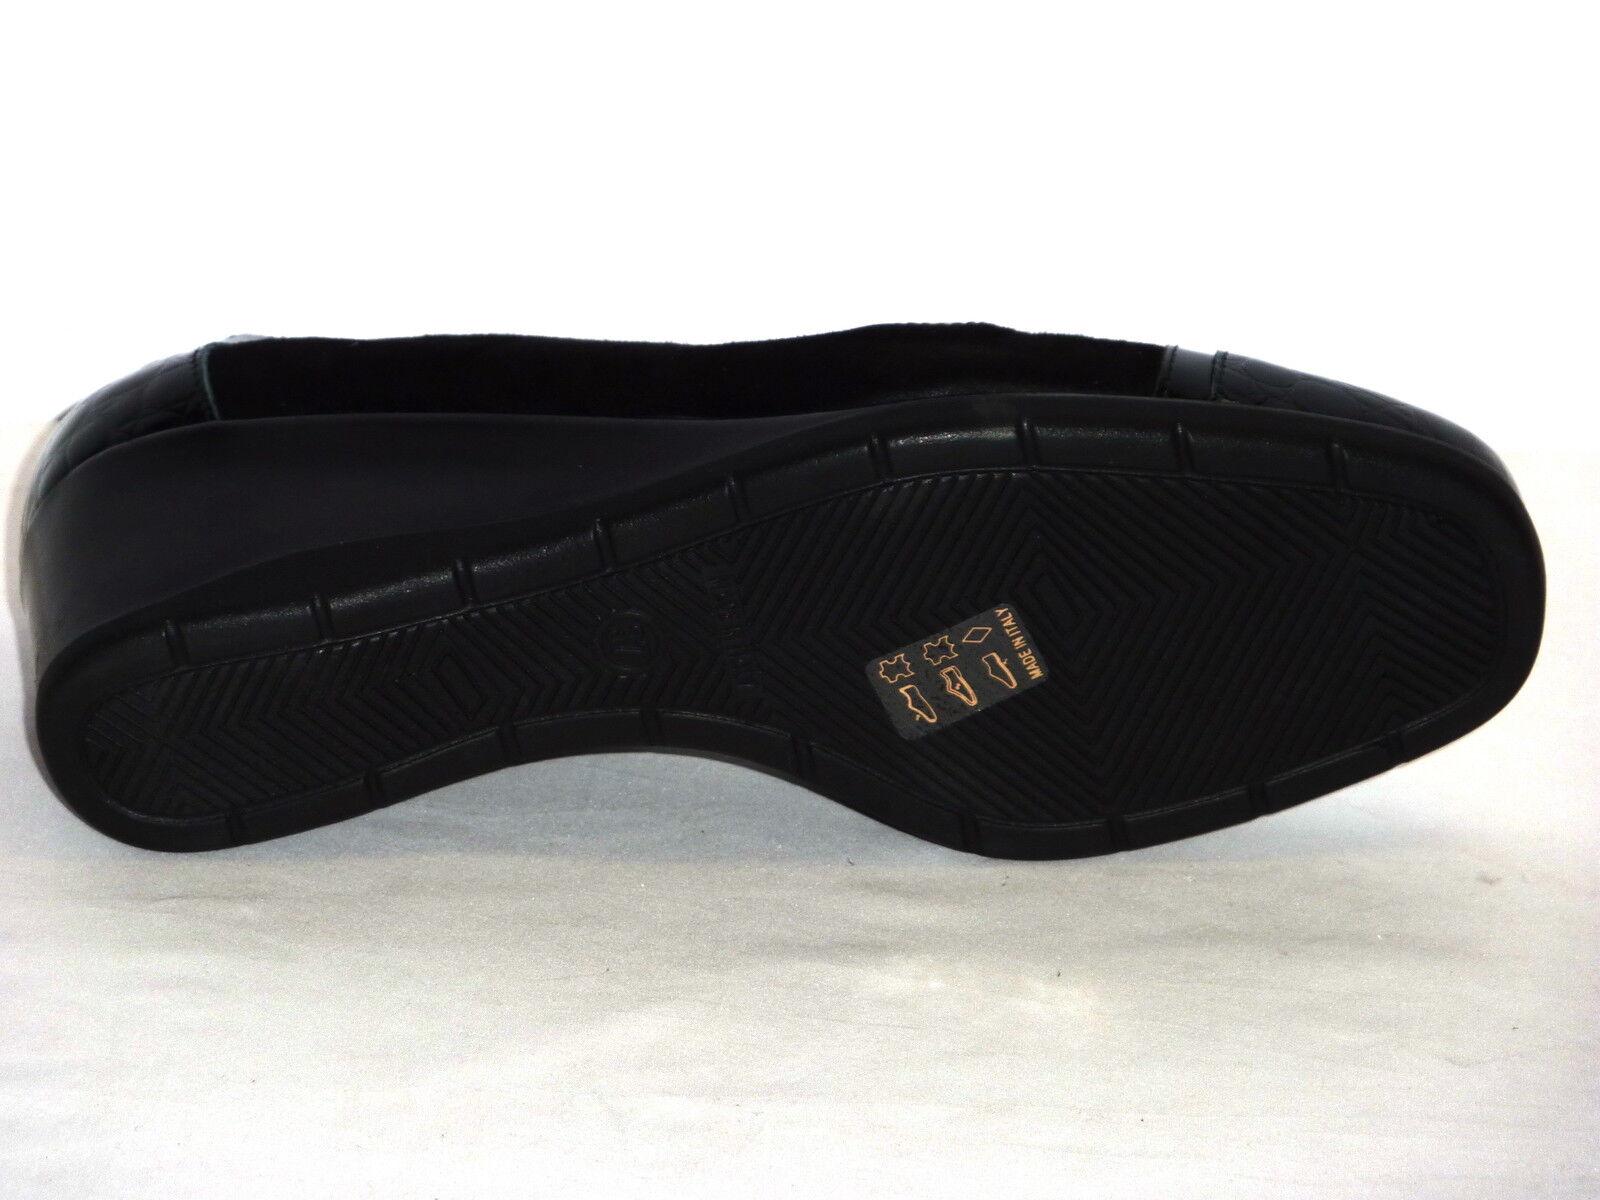 Schuhe Damens CONFORT IN  VERNICE COCCO  IN E NABUK NERO CALDO INVERNO MORBIDE  n. 37 11d123